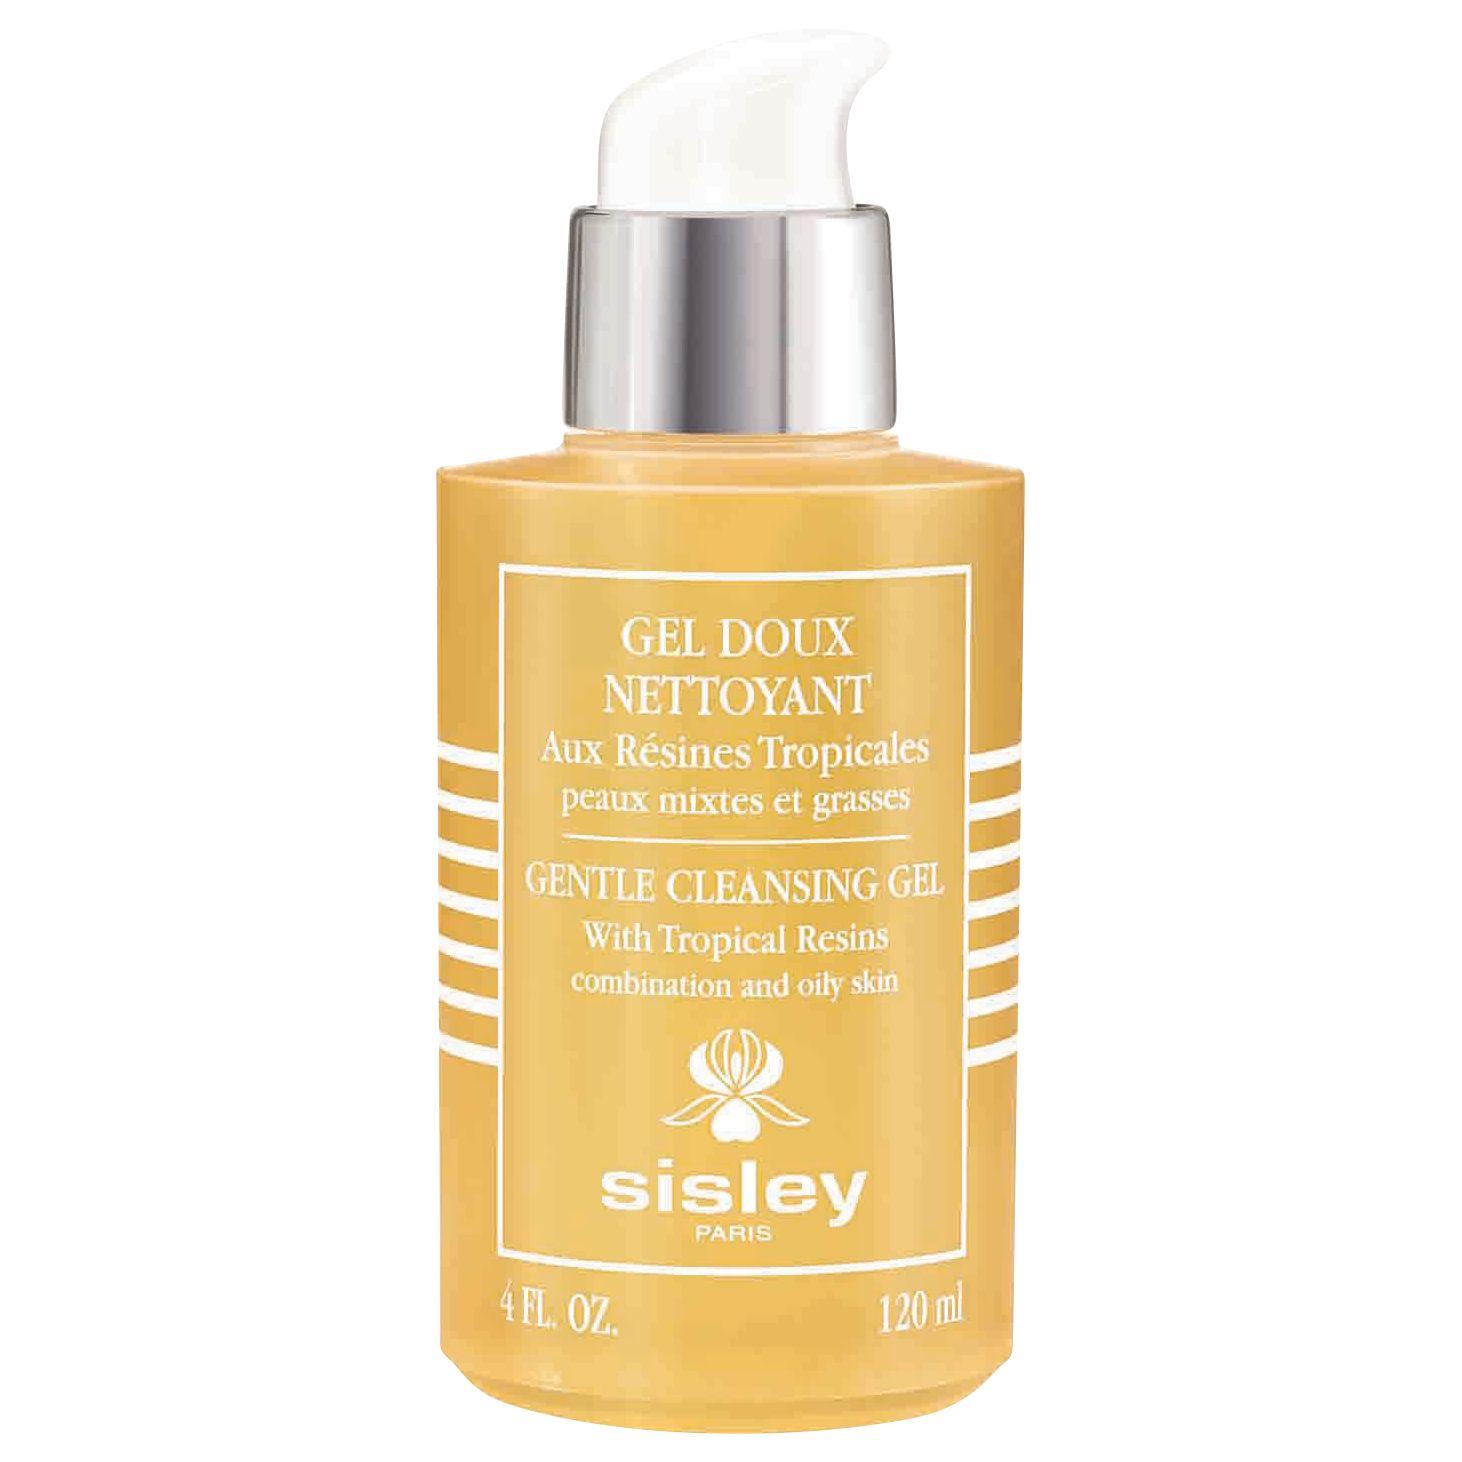 Sisley Sisley Gentle Cleansing Gel with Tropical Resins, 120ml